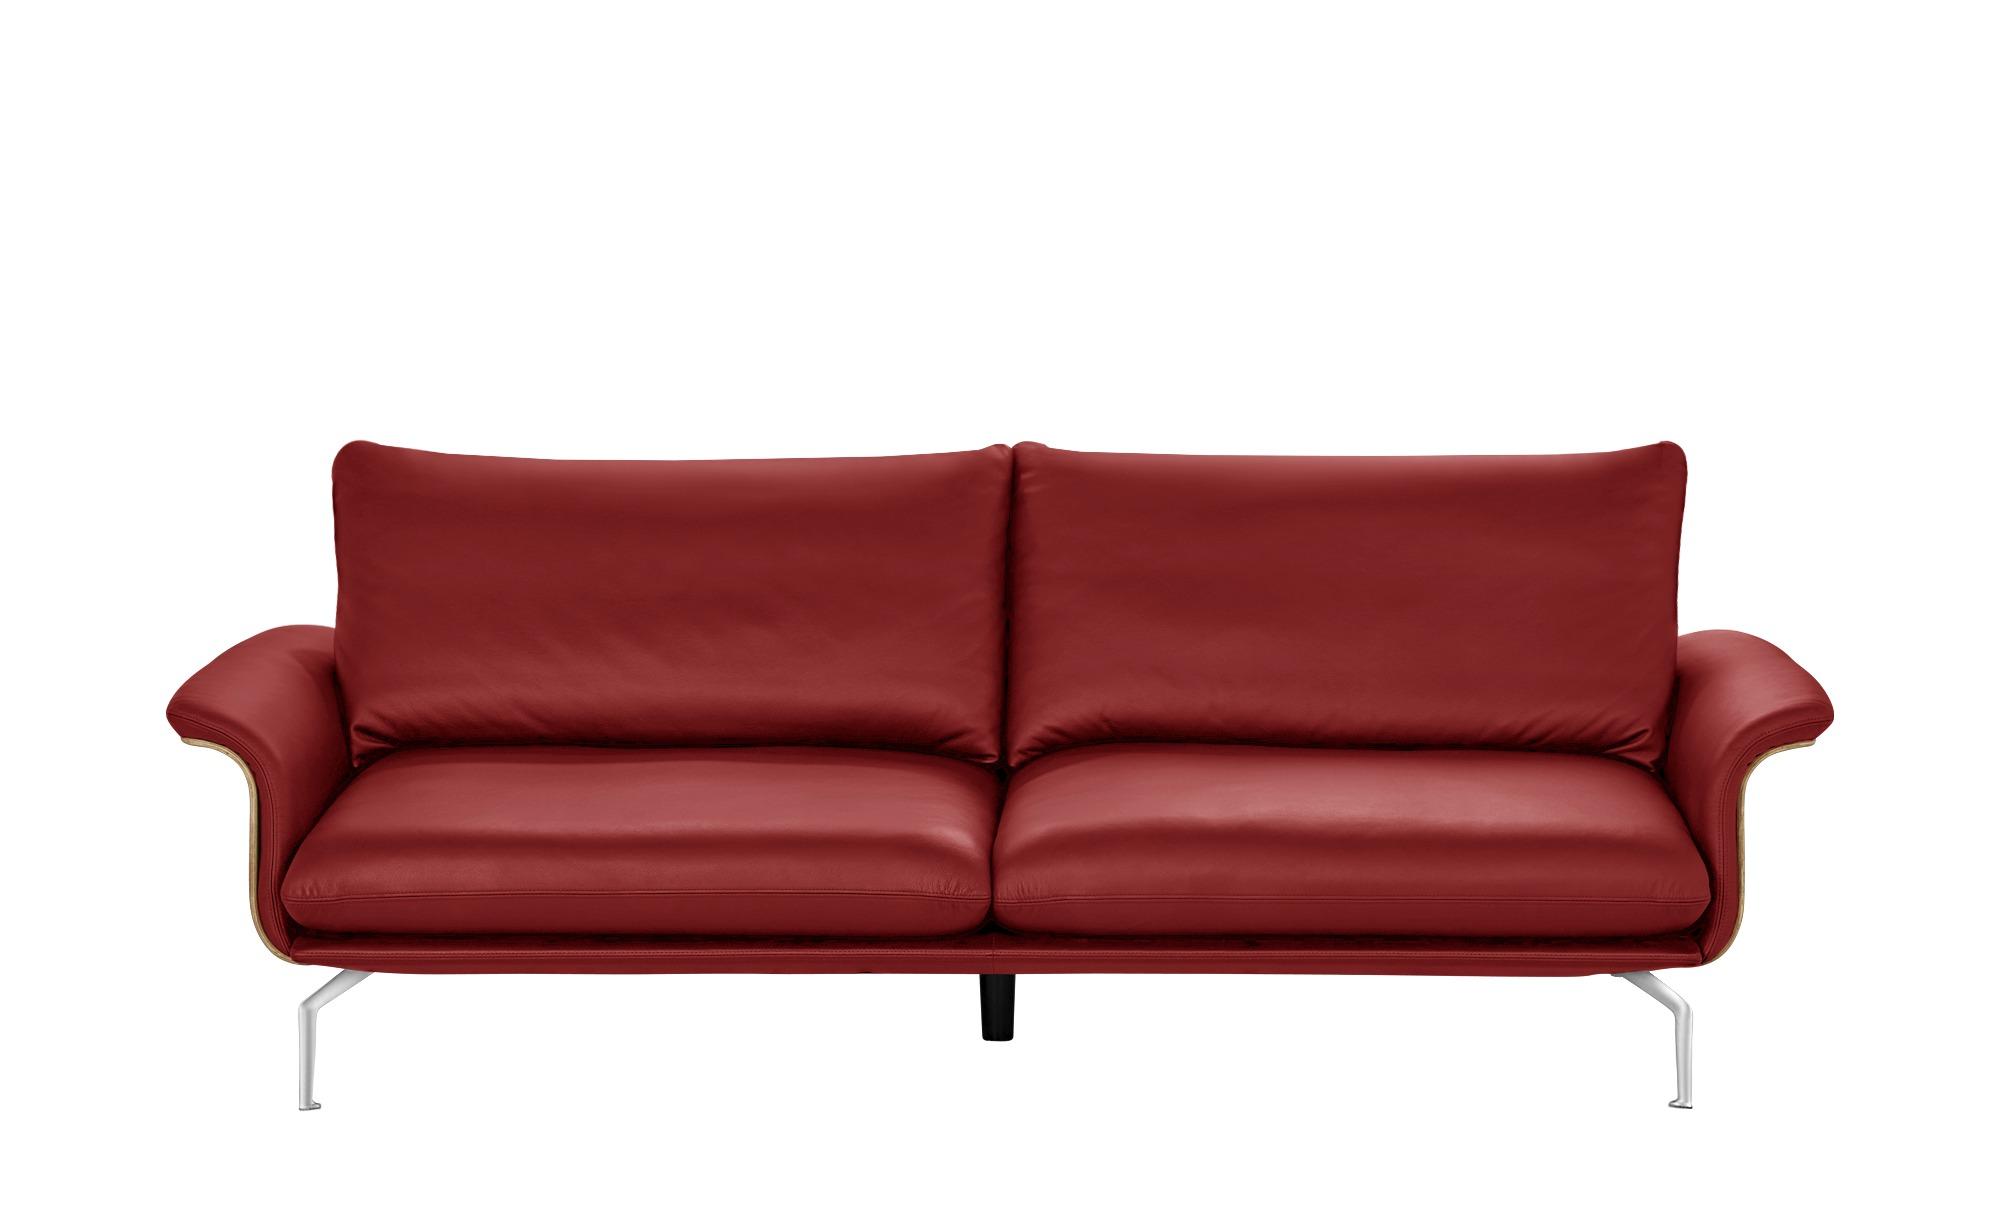 Pflege Ledersofa sofa rot - kunstleder/leder lina ¦ rot ¦ maße (cm): b: 247 h: 87 t